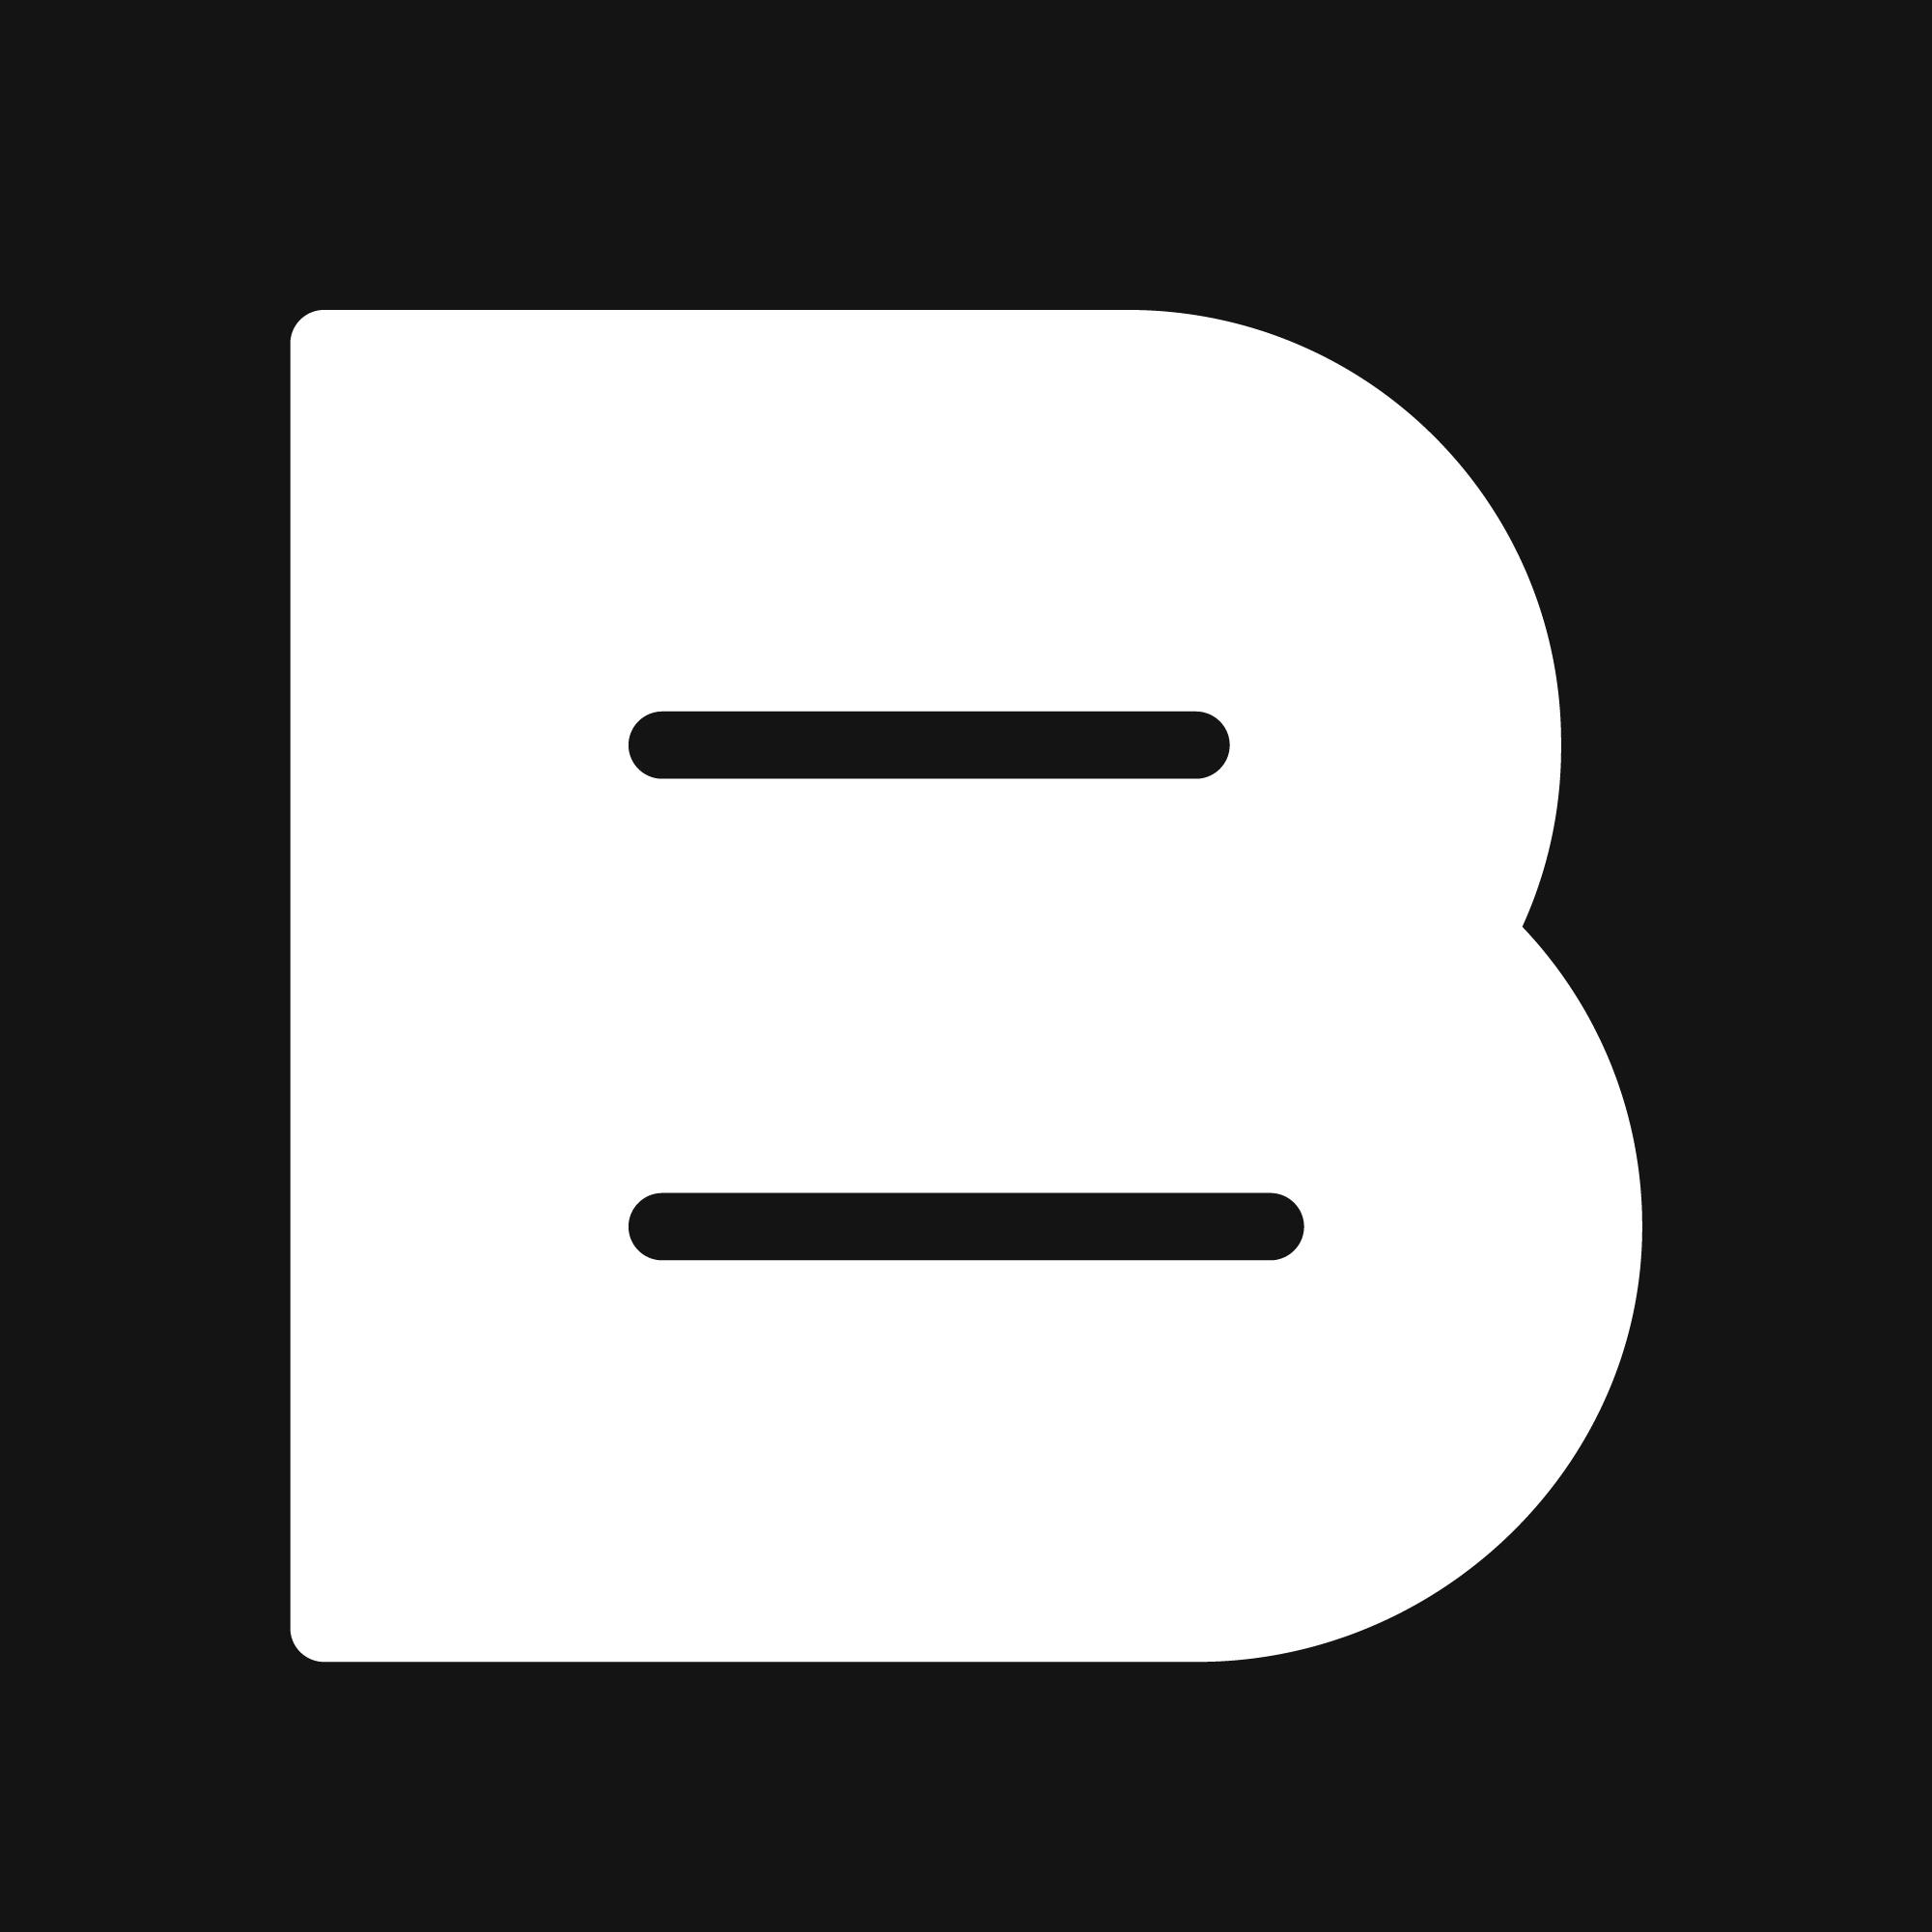 BW__Letter_B